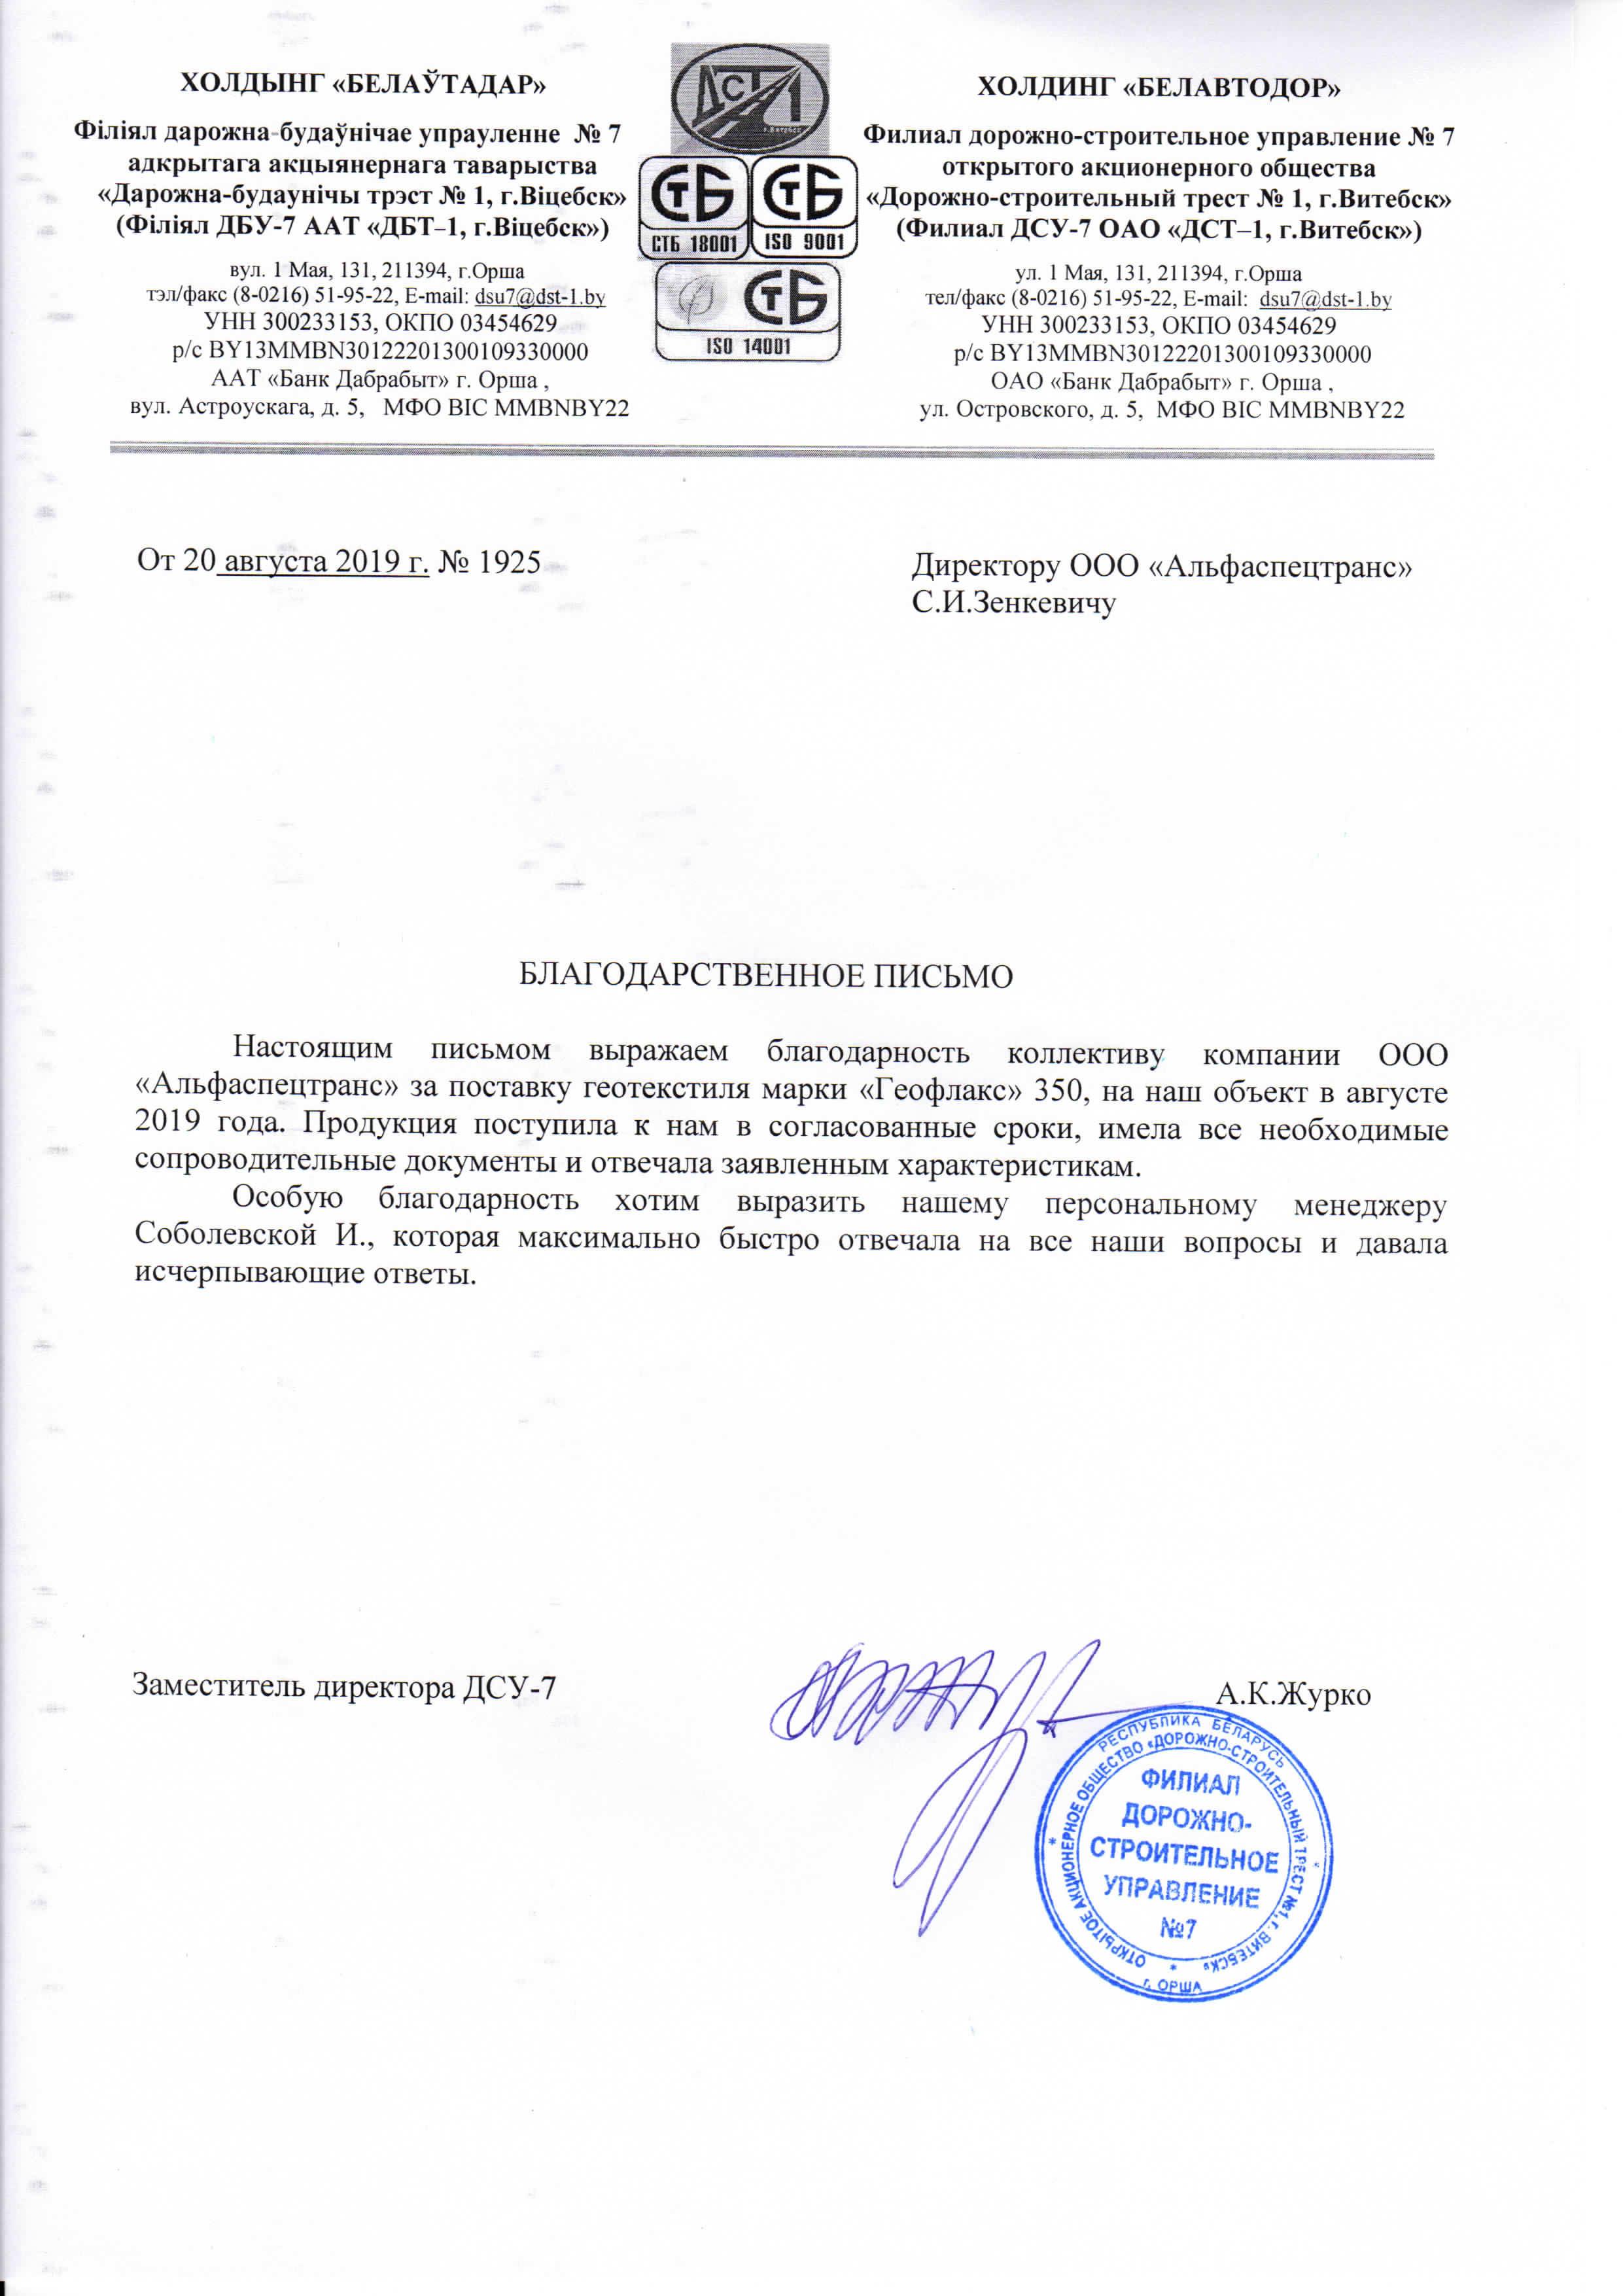 отзыв ДСУ-7